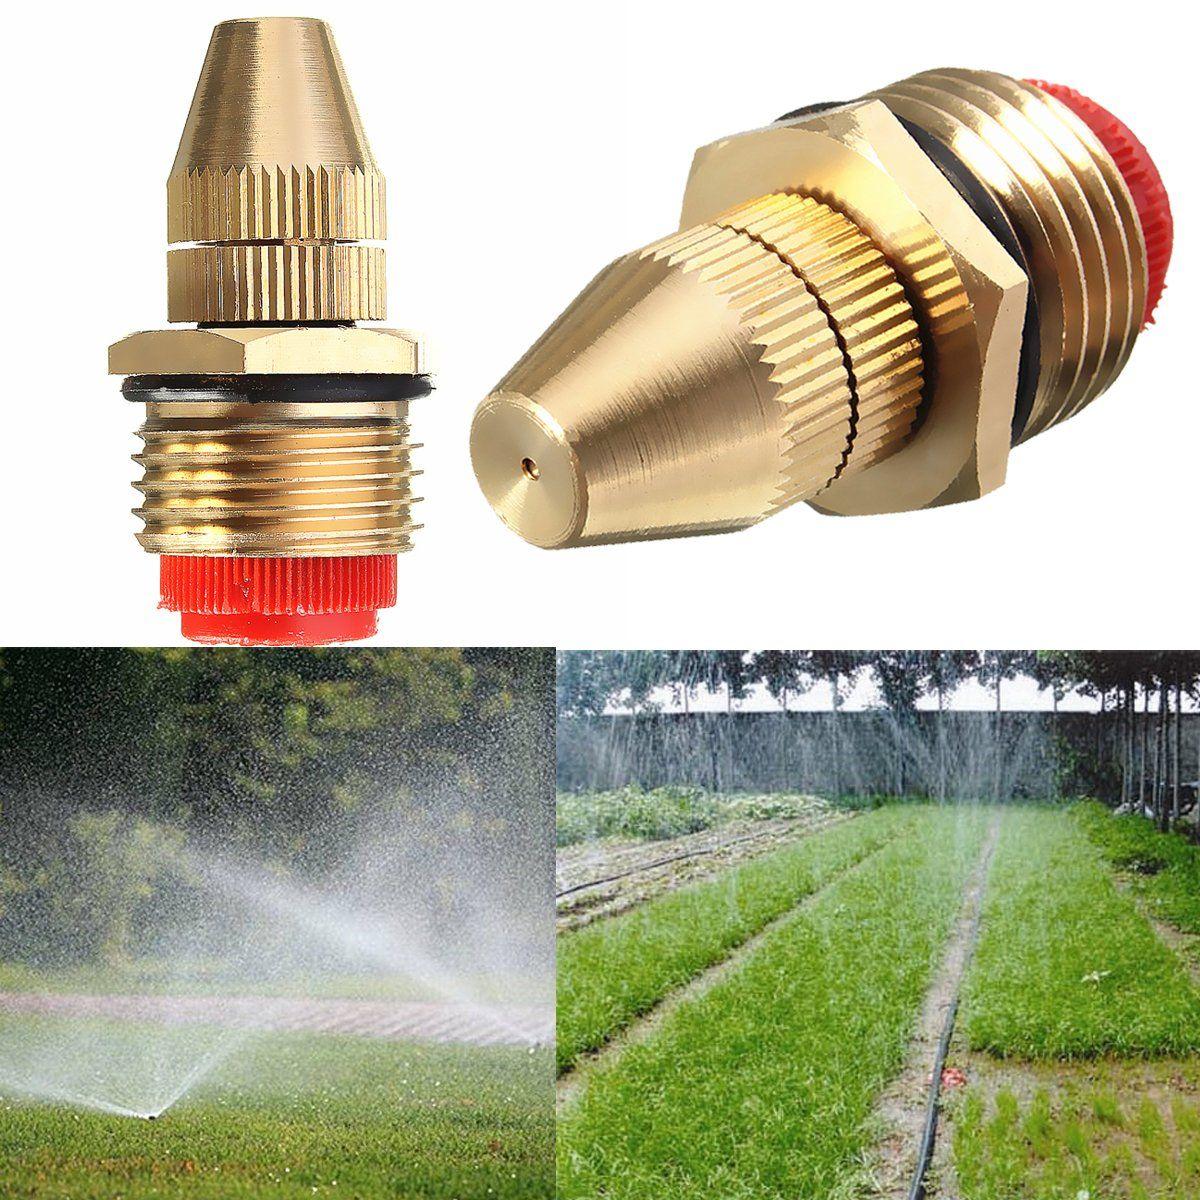 1 2 Inch Brass Adjustable Sprinkler Garden Lawn Atomizing Water Sprayer Nozzles In 2020 Sprinkler Misting Nozzles Garden Supply Online